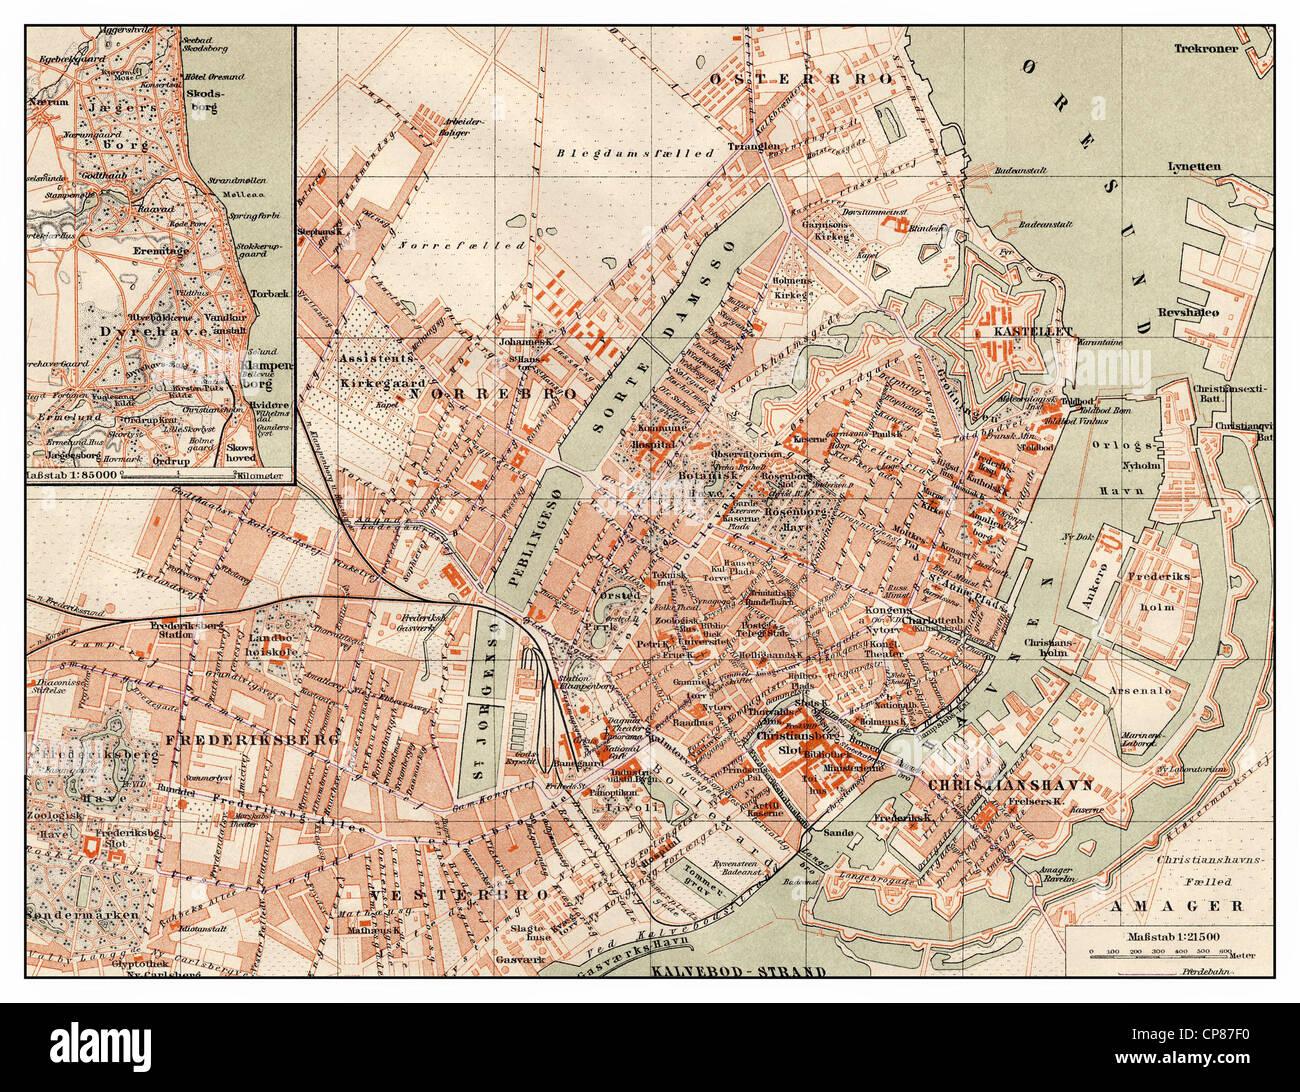 Mapa Histórico de Copenhague, Dinamarca, del siglo XIX, Historische, zeichnerische Darstellung, Landkarte, Imagen De Stock